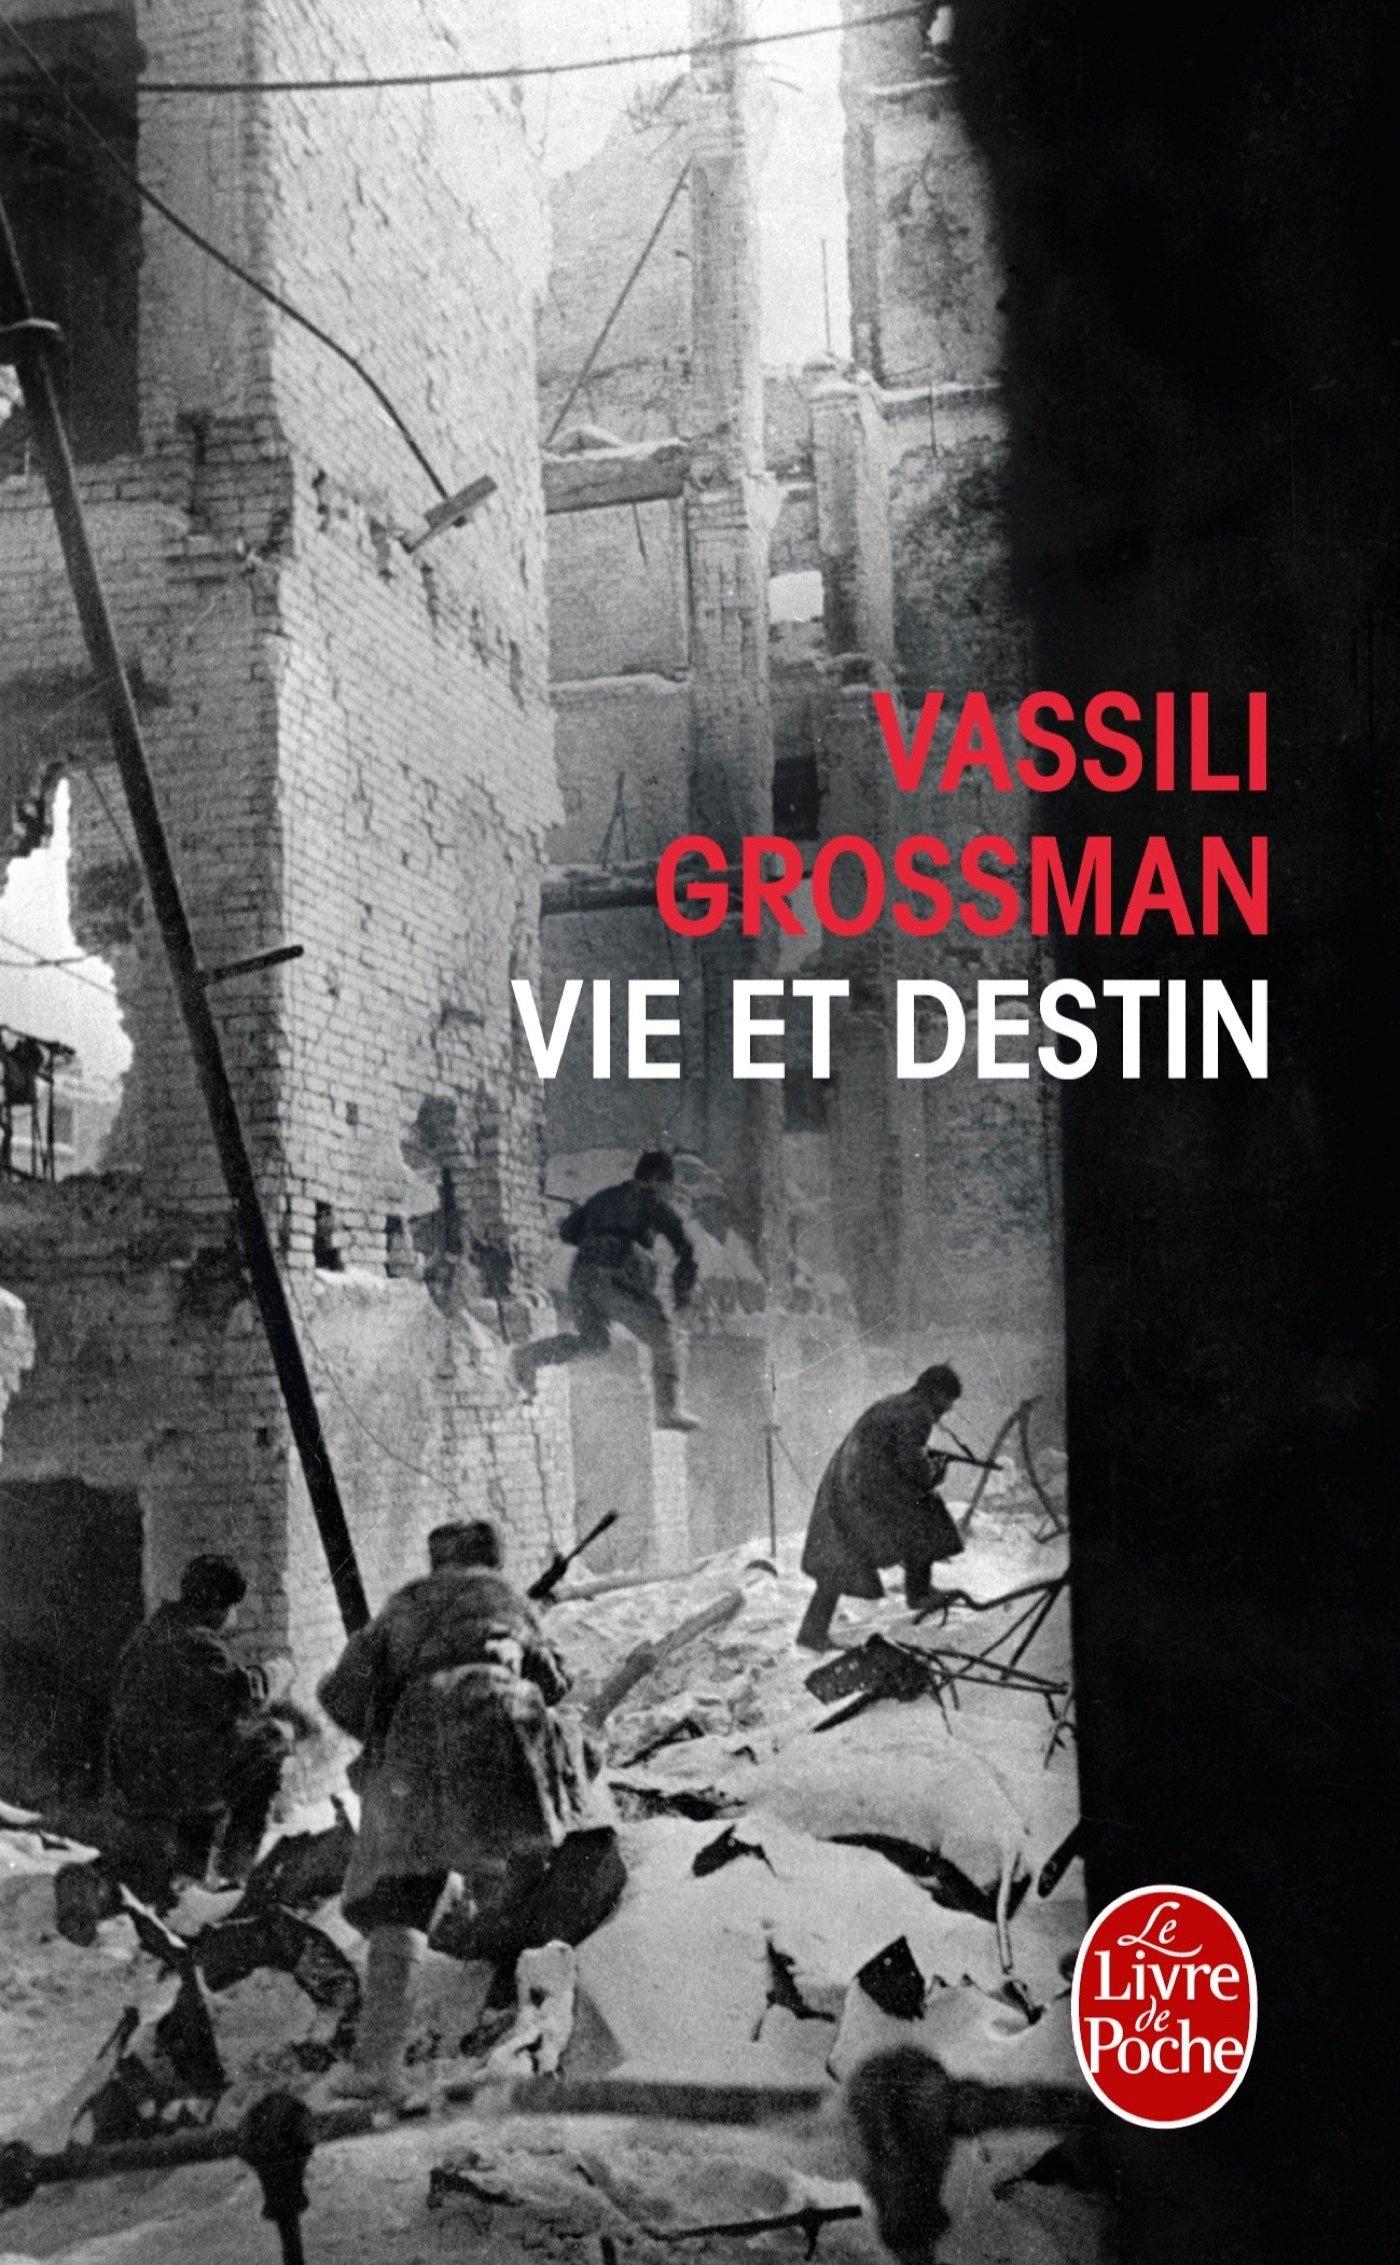 Vie et destin - Grossman,Vassili